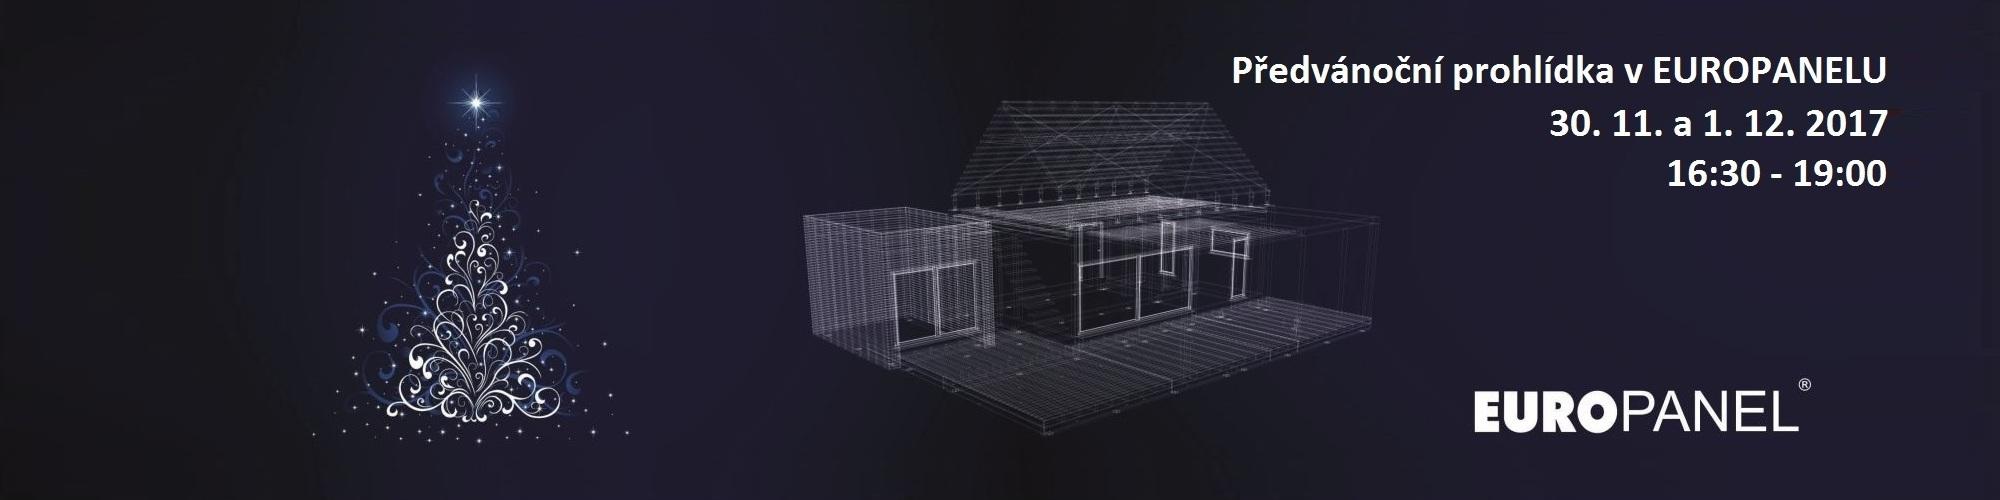 Předvánoční prohlídka v EUROPANELU, představení nového domu HANDY